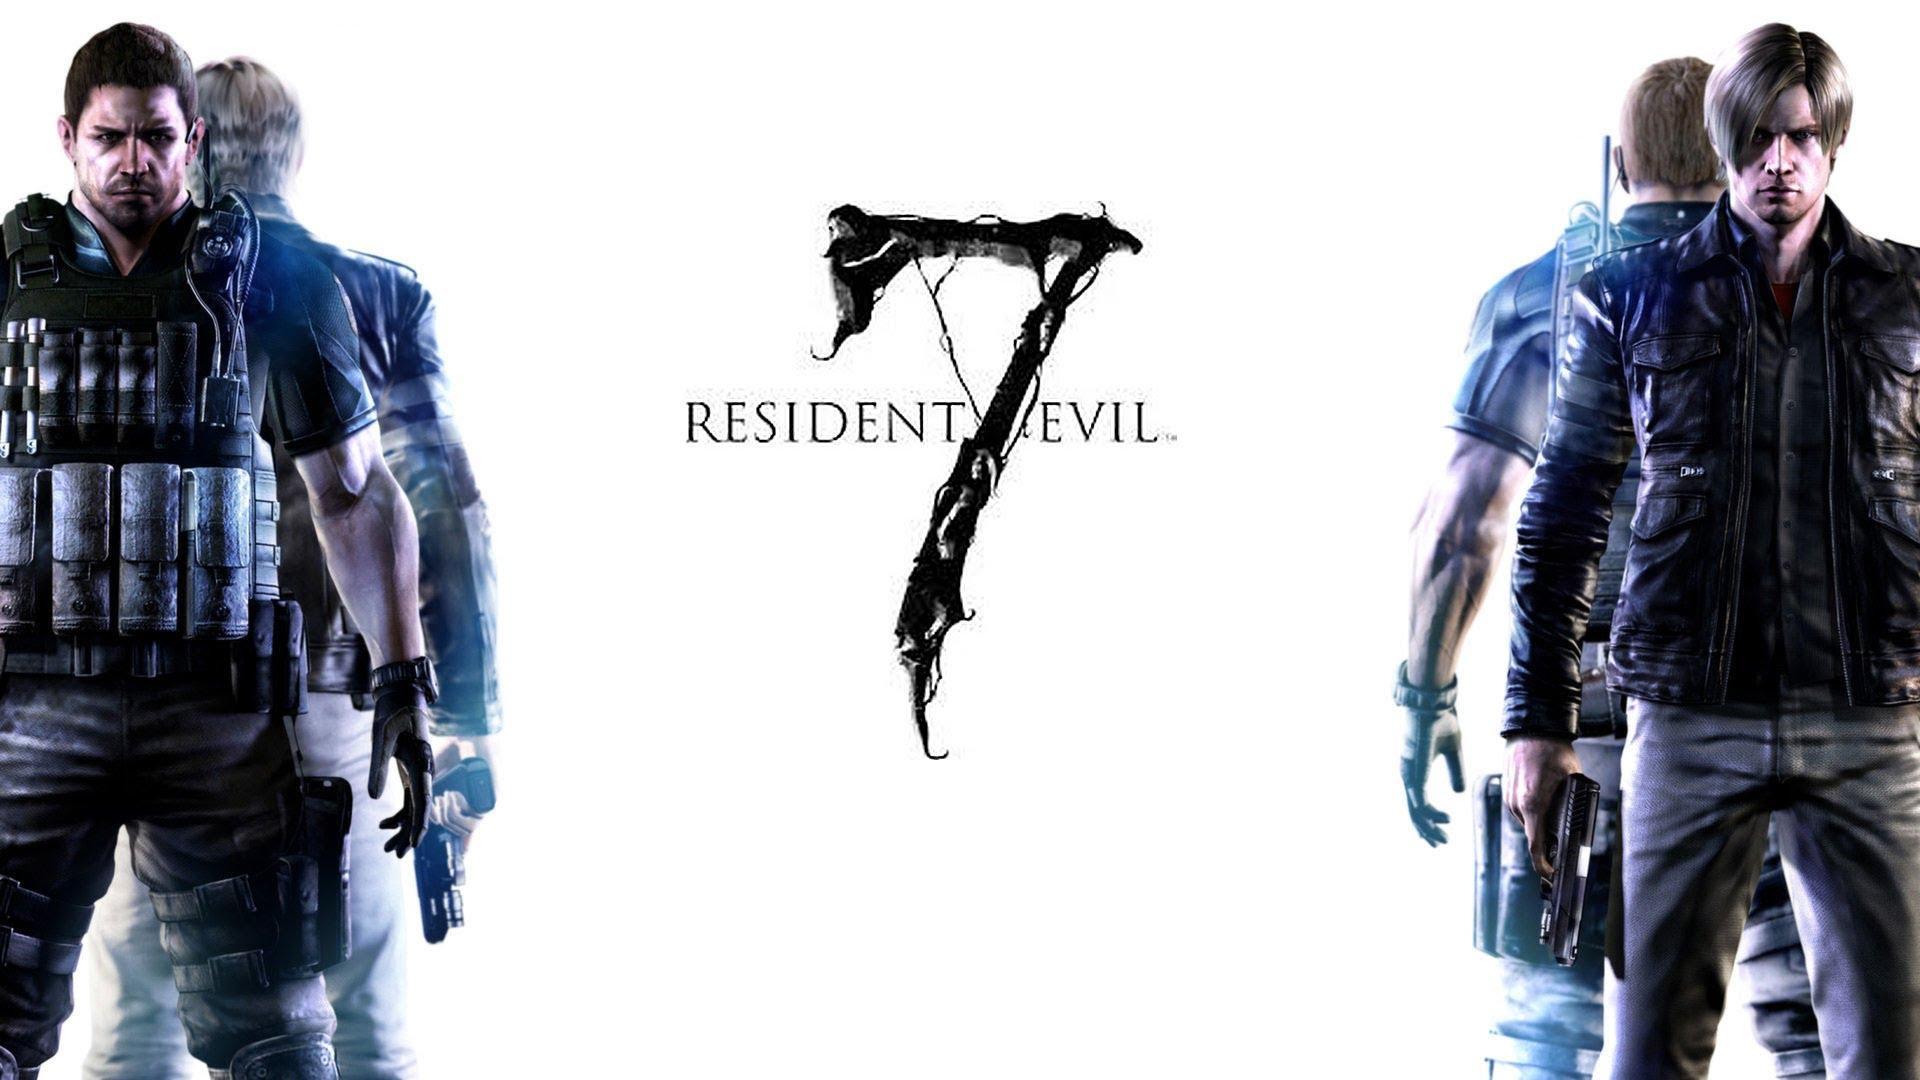 Resident Evil 7 ya estaría en desarrollo, volvería al Survival Horror y sería mostrado en el E3